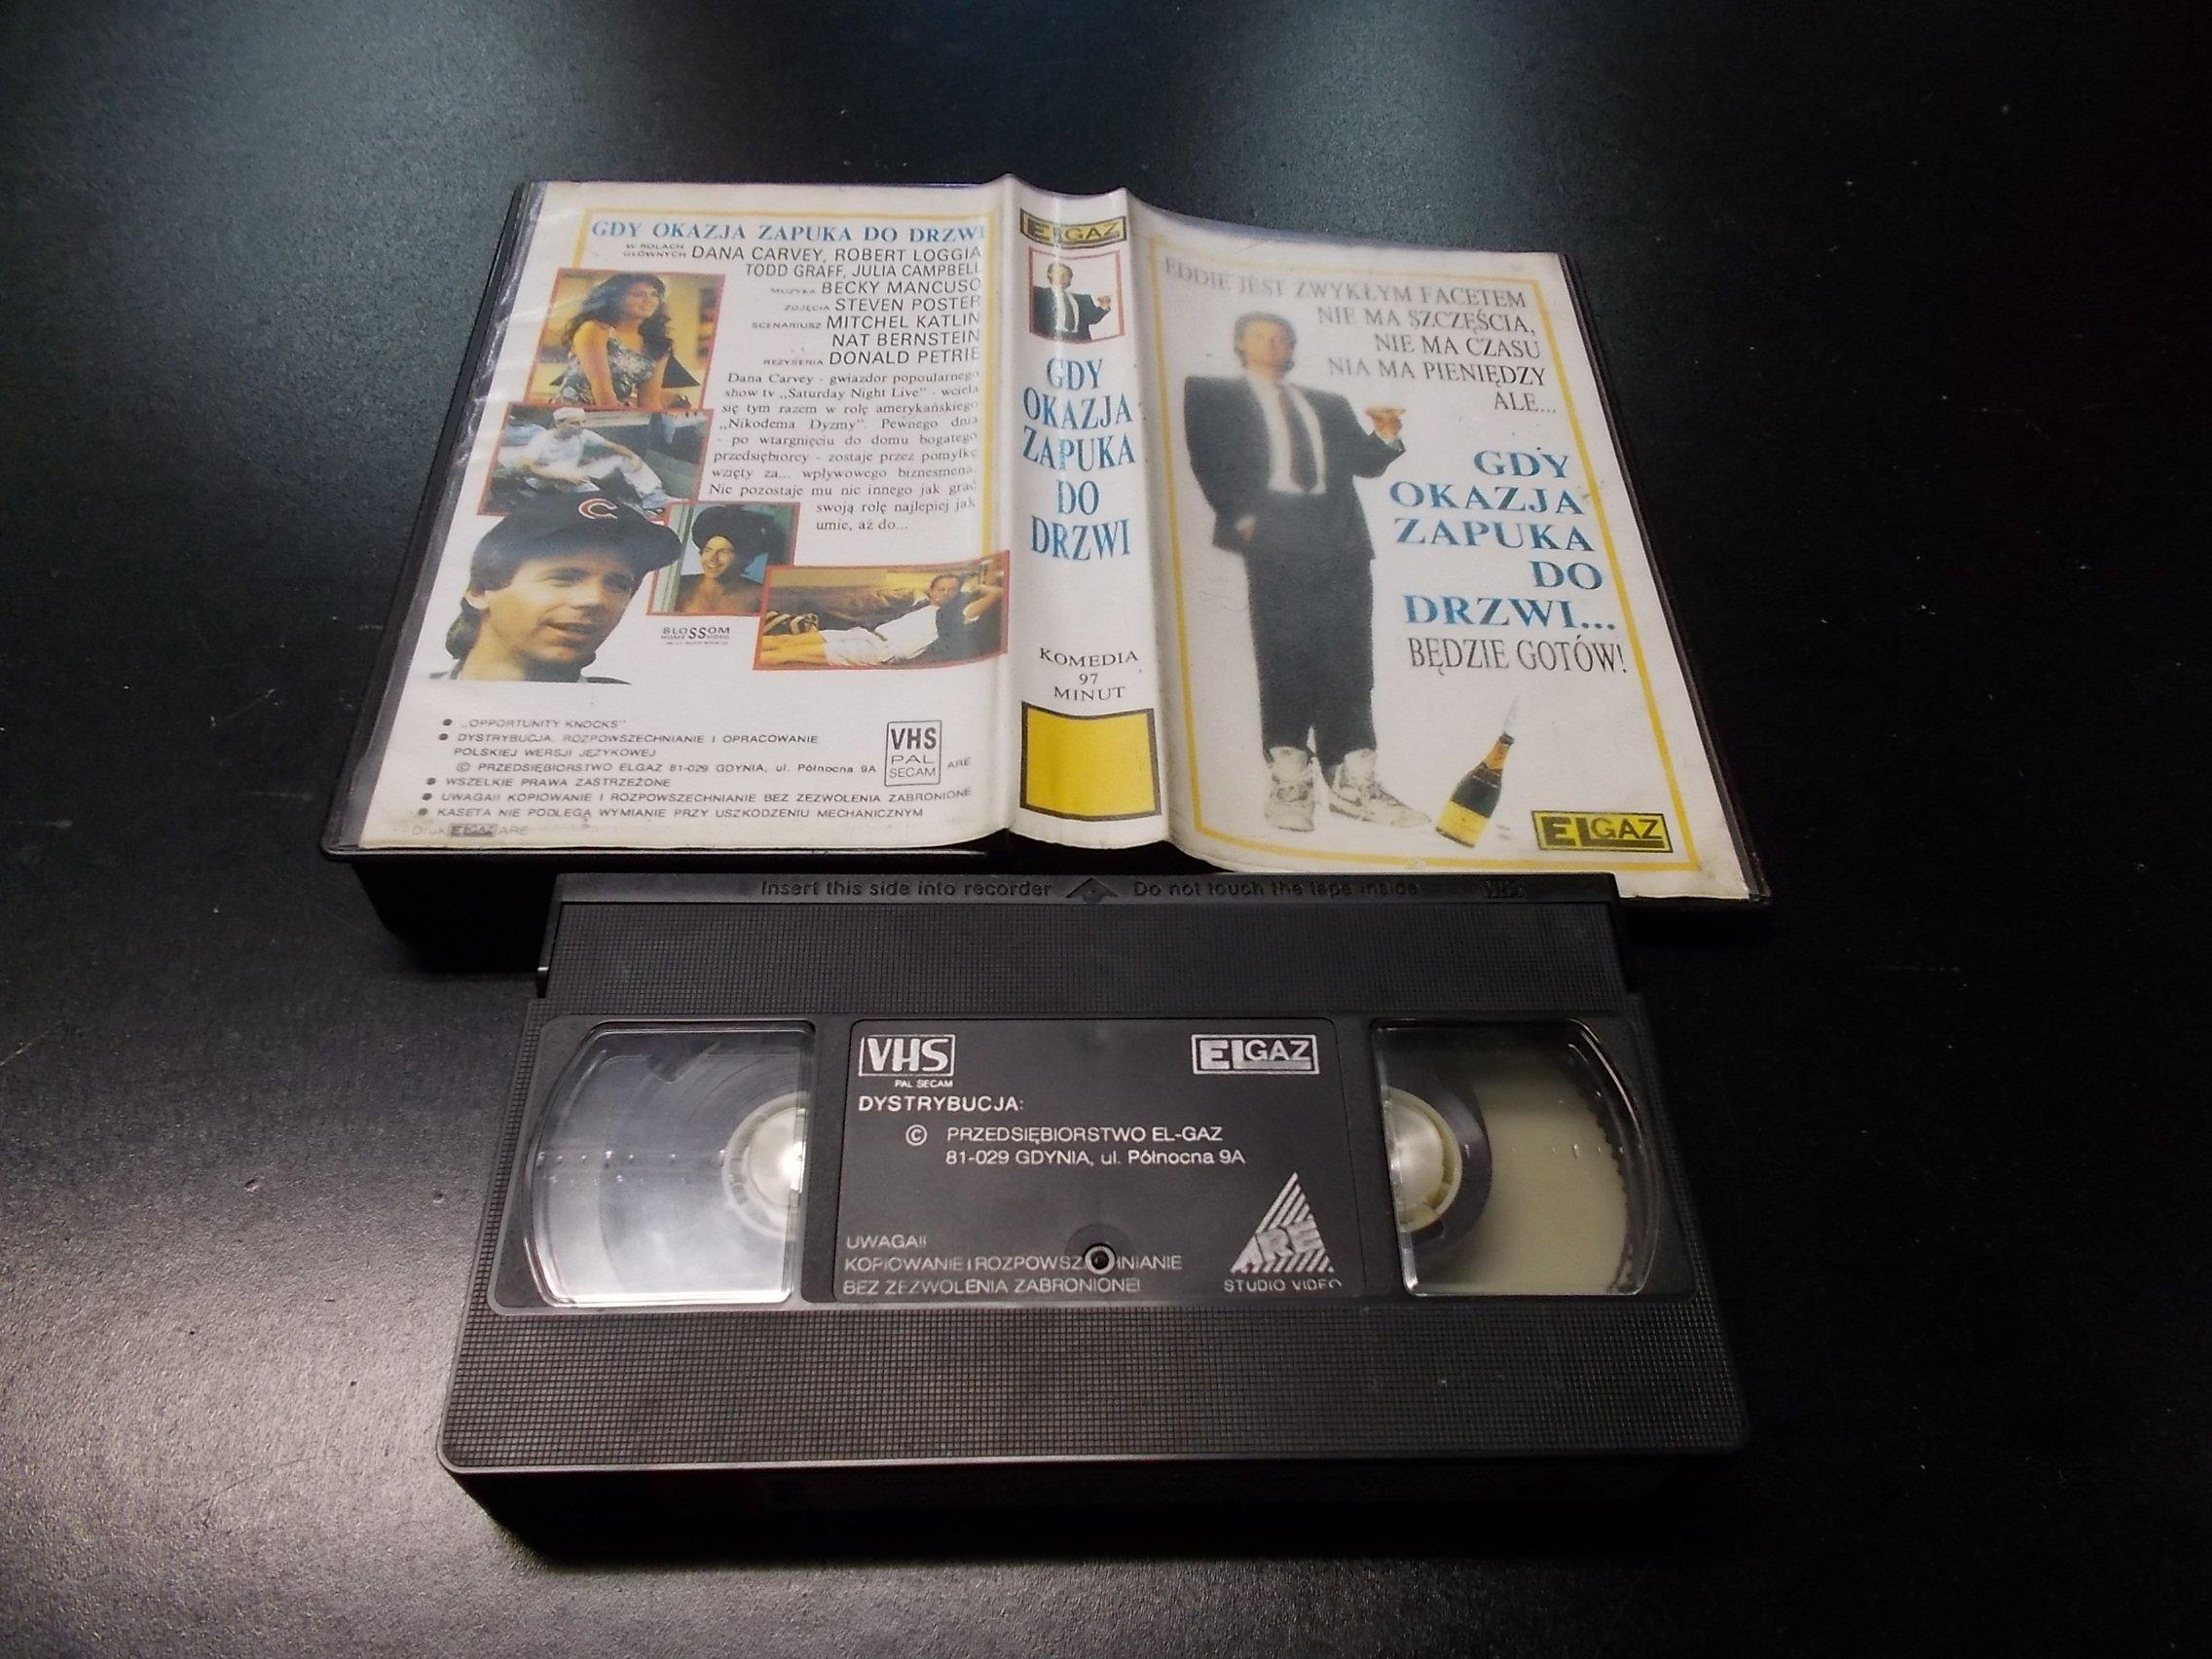 GDY OKAZJA ZAPUKA DO DRZWI -  kaseta VHS - 1243 Opole - AlleOpole.pl